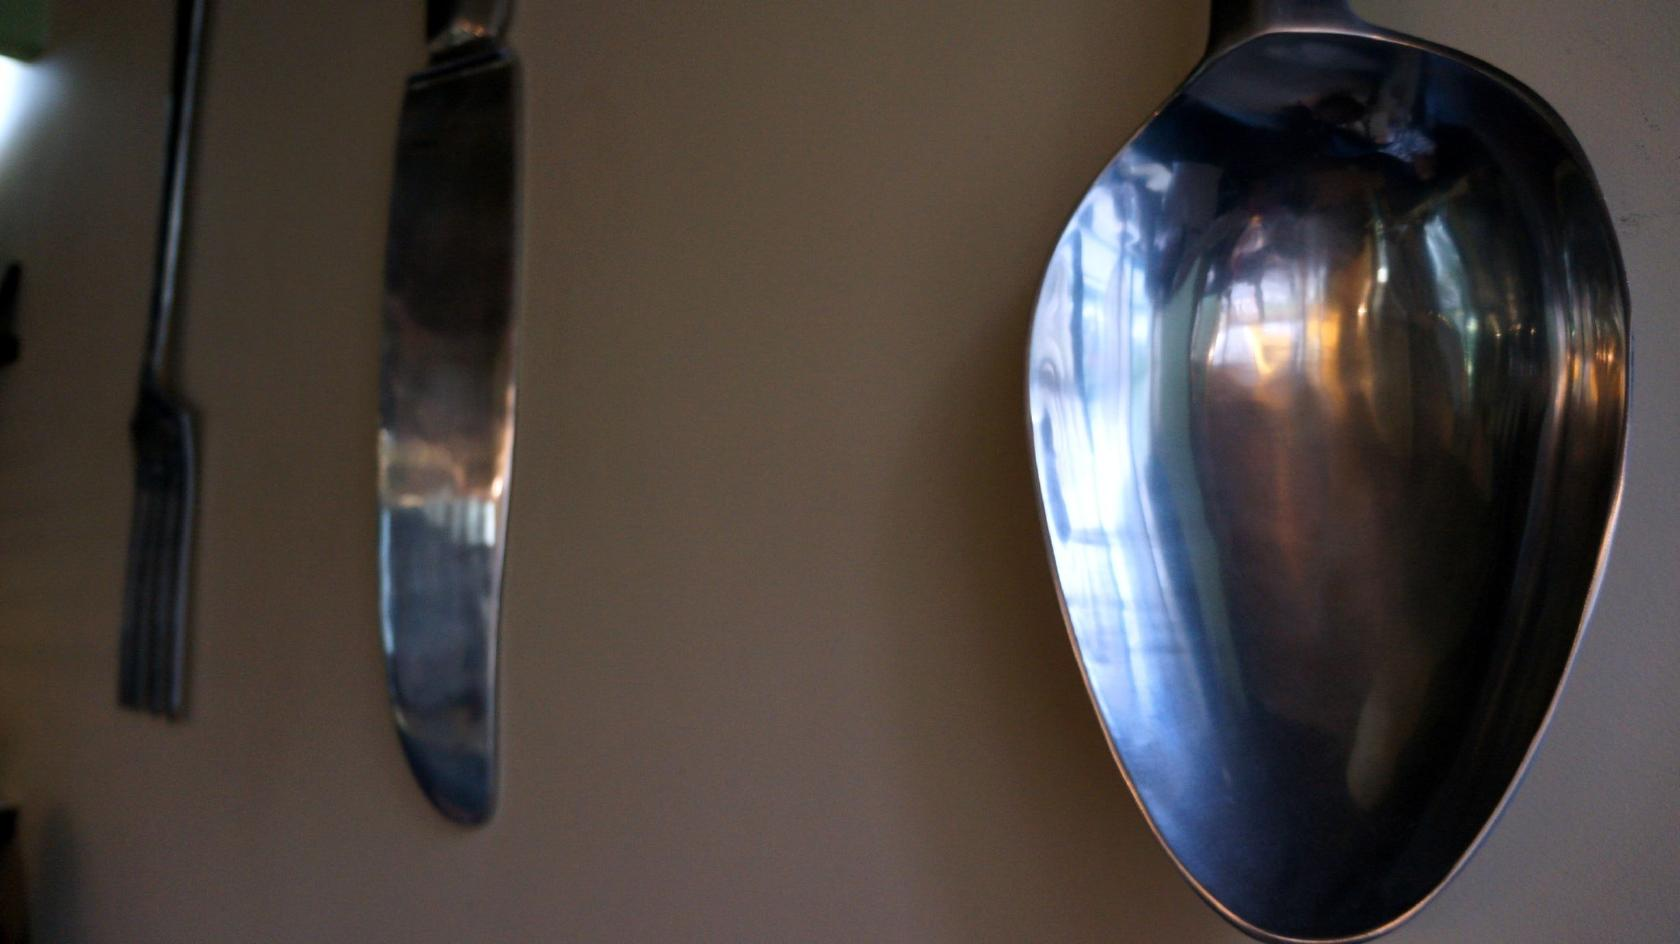 Cucina di casa photo